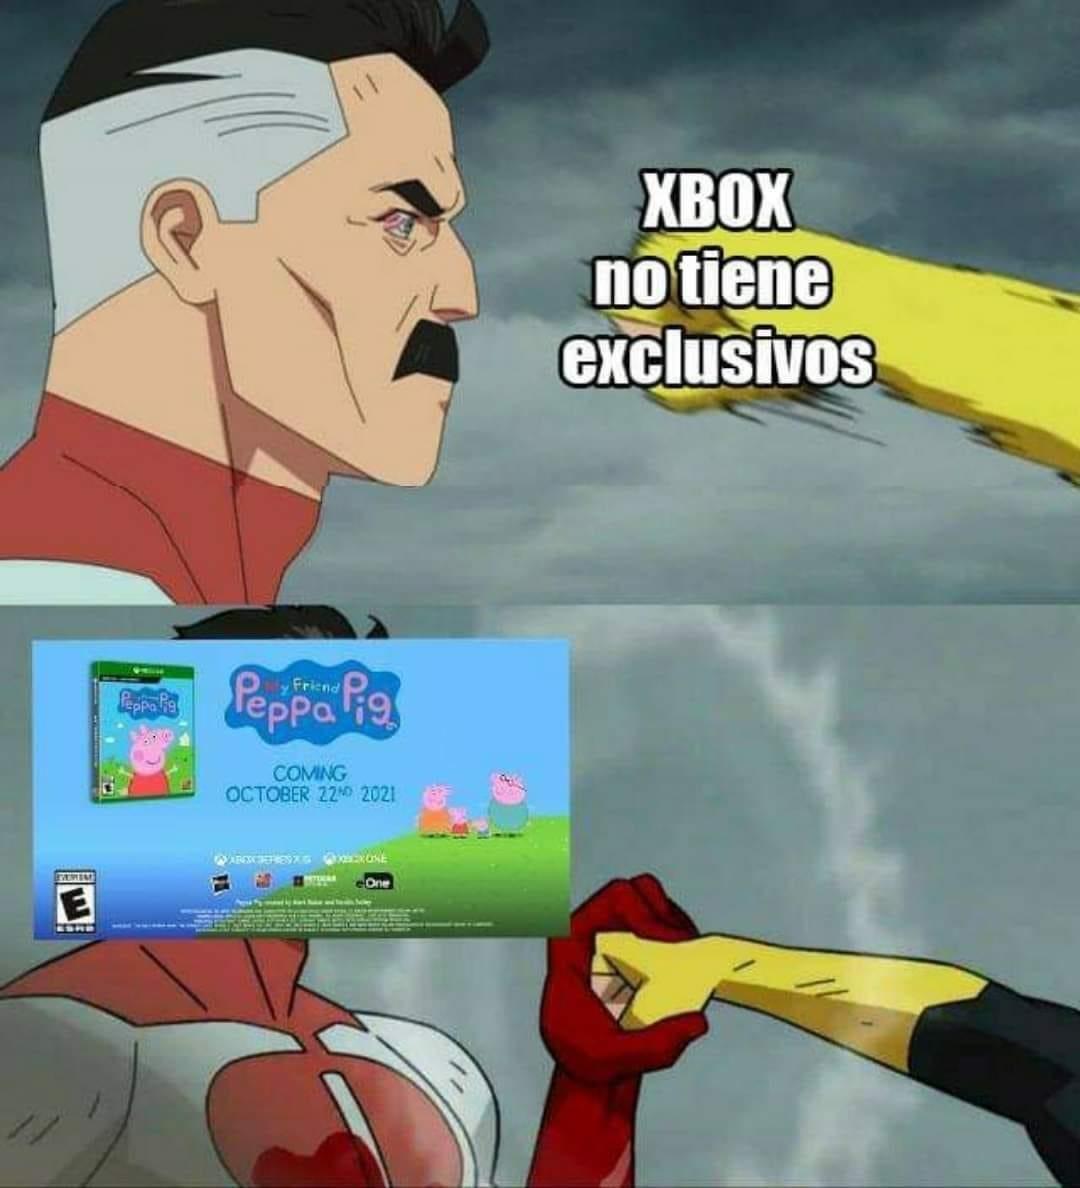 Xbox ya gano la generación - meme